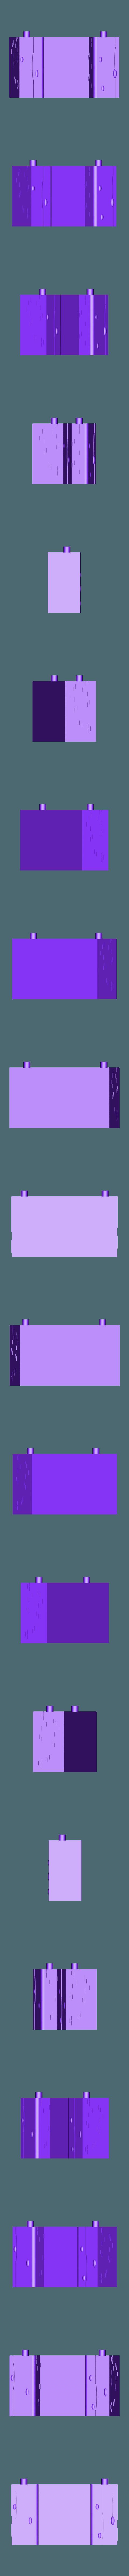 hi_grss_str_1b.stl Télécharger fichier STL gratuit Ripper's London - Canaux modulaires • Plan pour impression 3D, Earsling